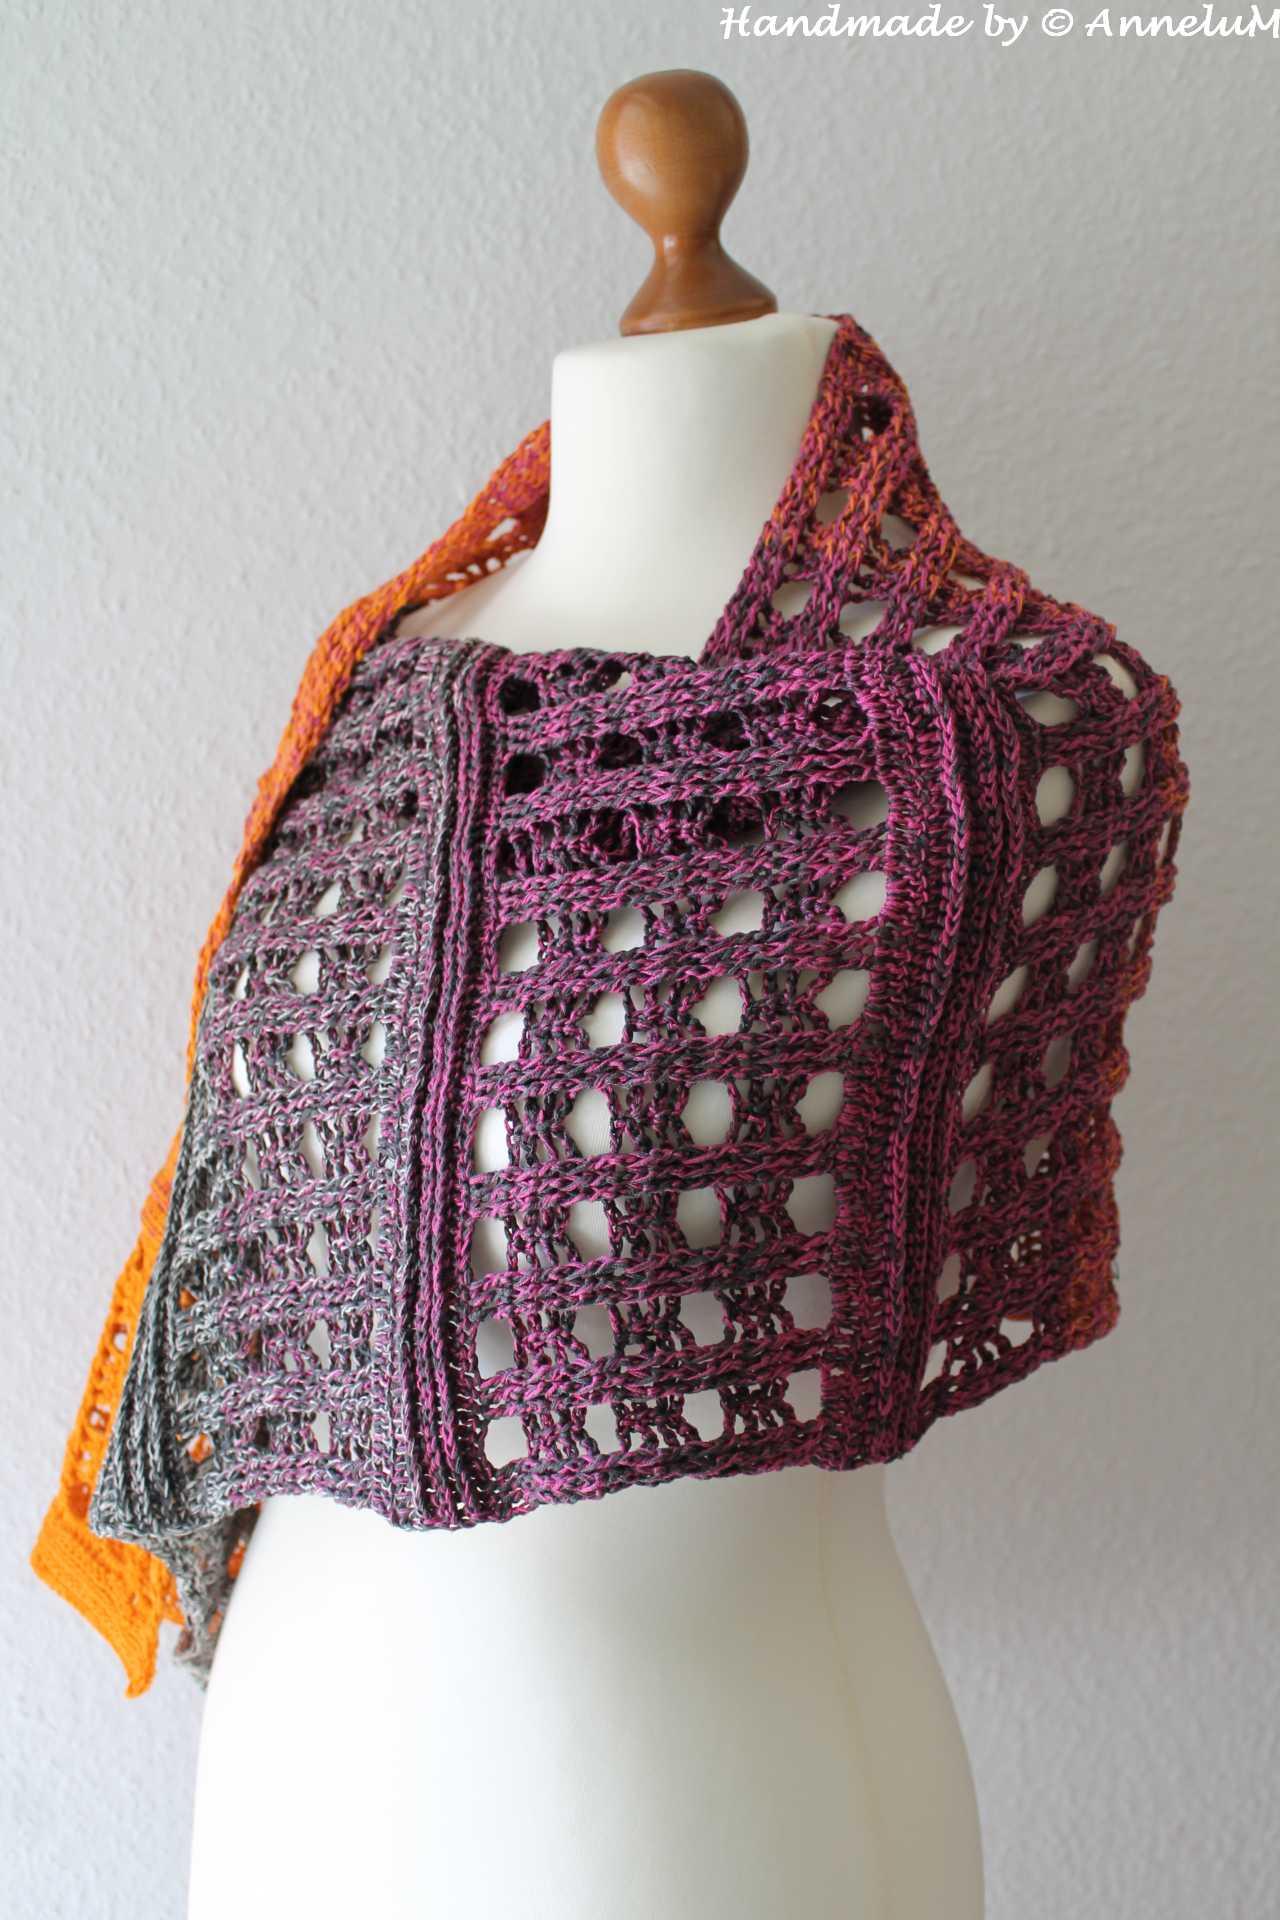 Nan Laur Handmade by AnneluM